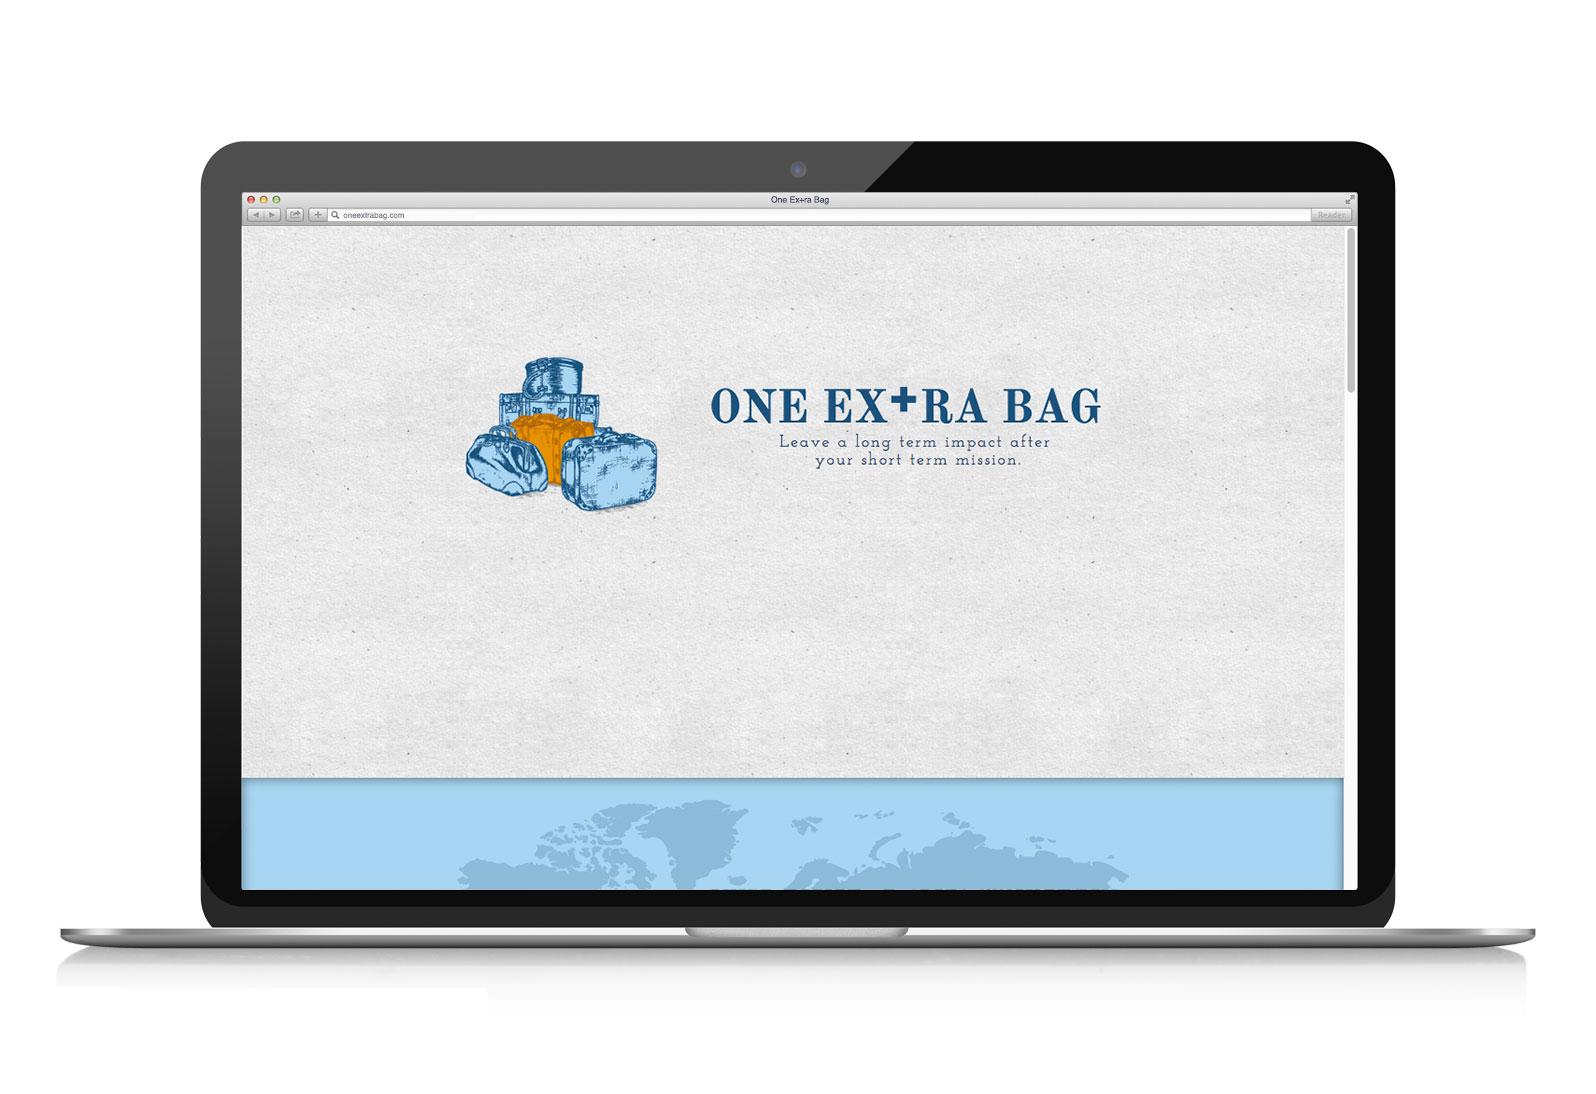 One Extra Bag